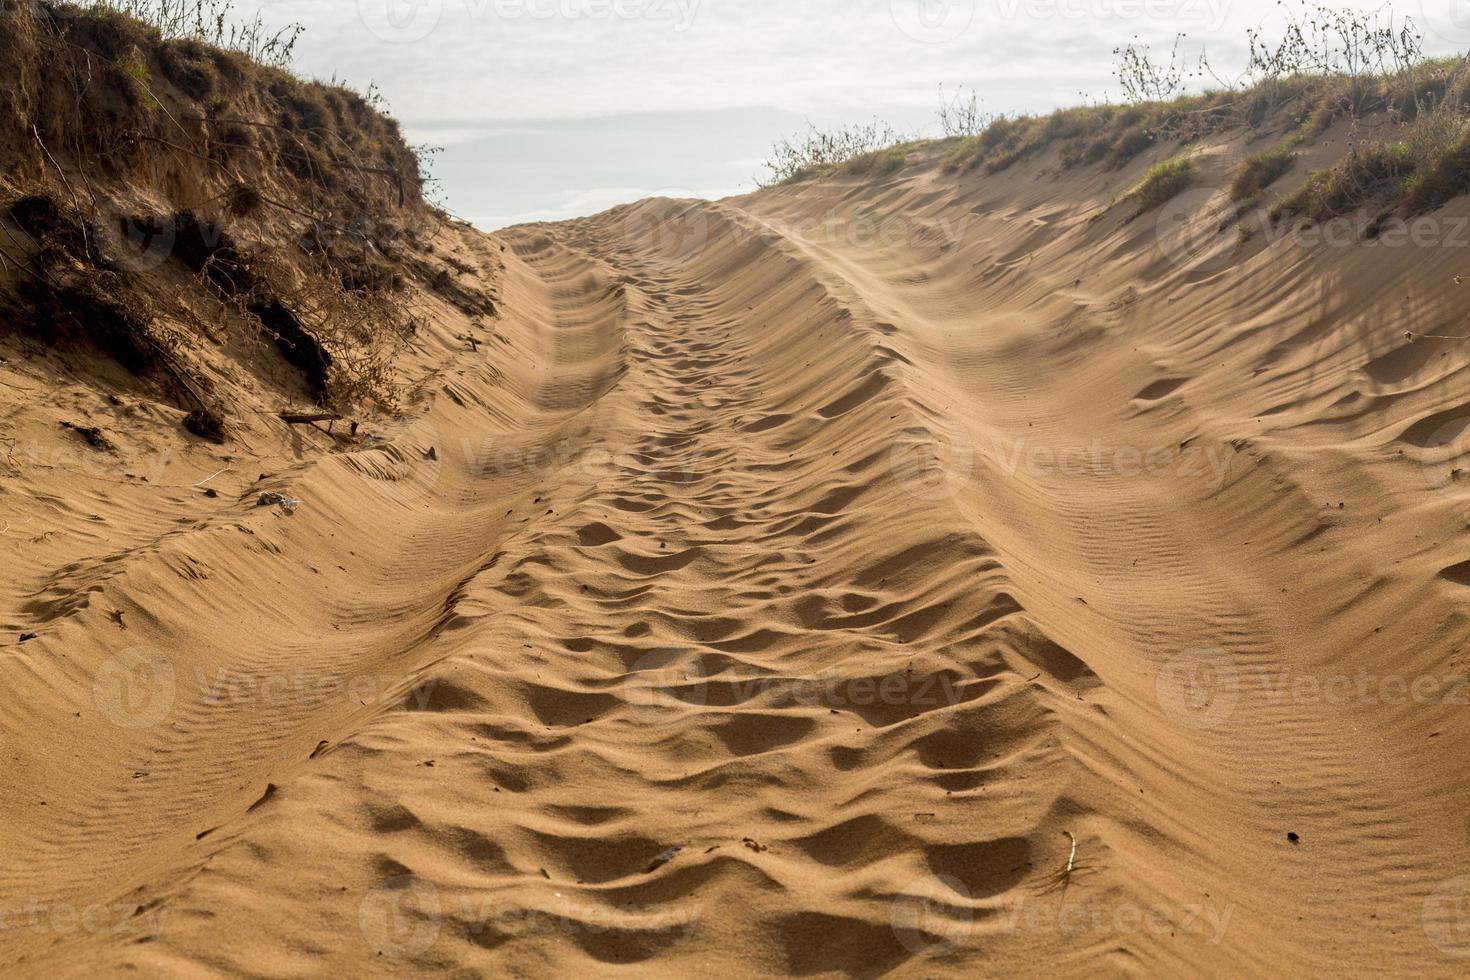 Reifenspuren in Sanddünen über Hügel foto